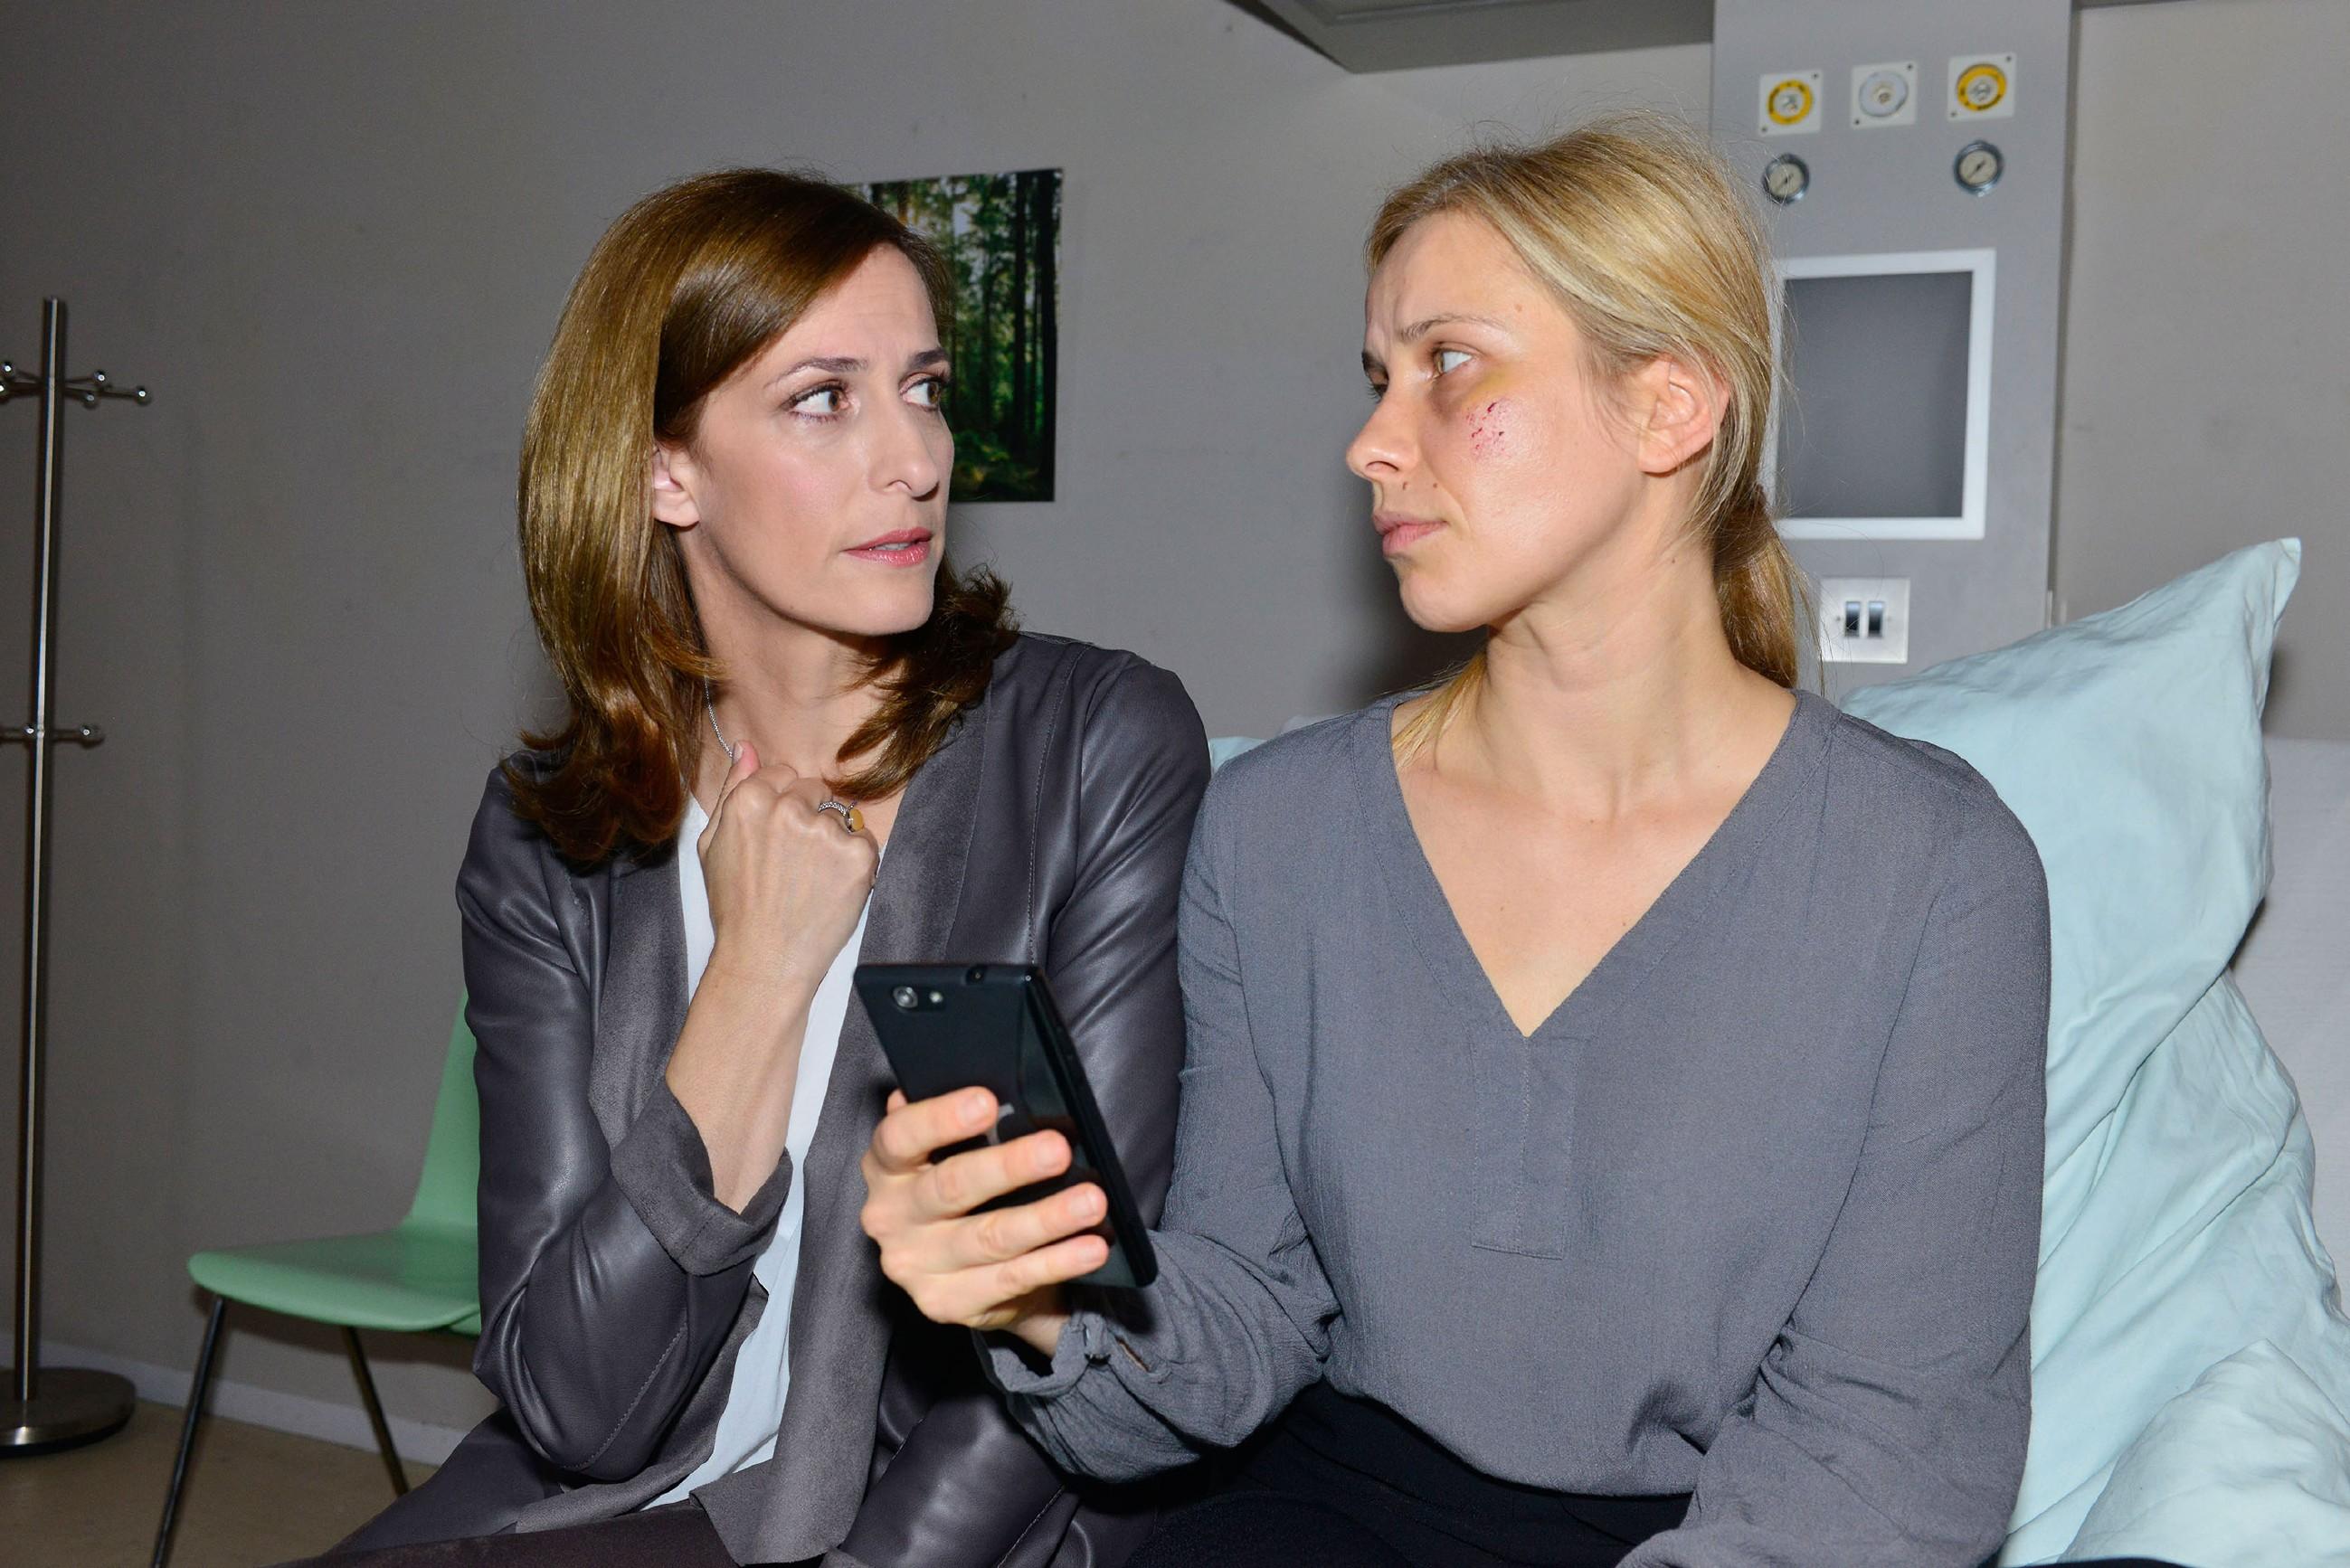 Katrin (Ulrike Frank, l.) hat Anna (Suzanne Kockat) gebeten, Rico anzurufen. Als am anderen Ende die Mailbox von Frederic anspringt, kann Katrin die Wahrheit, dass Frederic Jasmins Vater ist, nicht länger leugnen... (Quelle: RTL / Rolf Baumgartner)